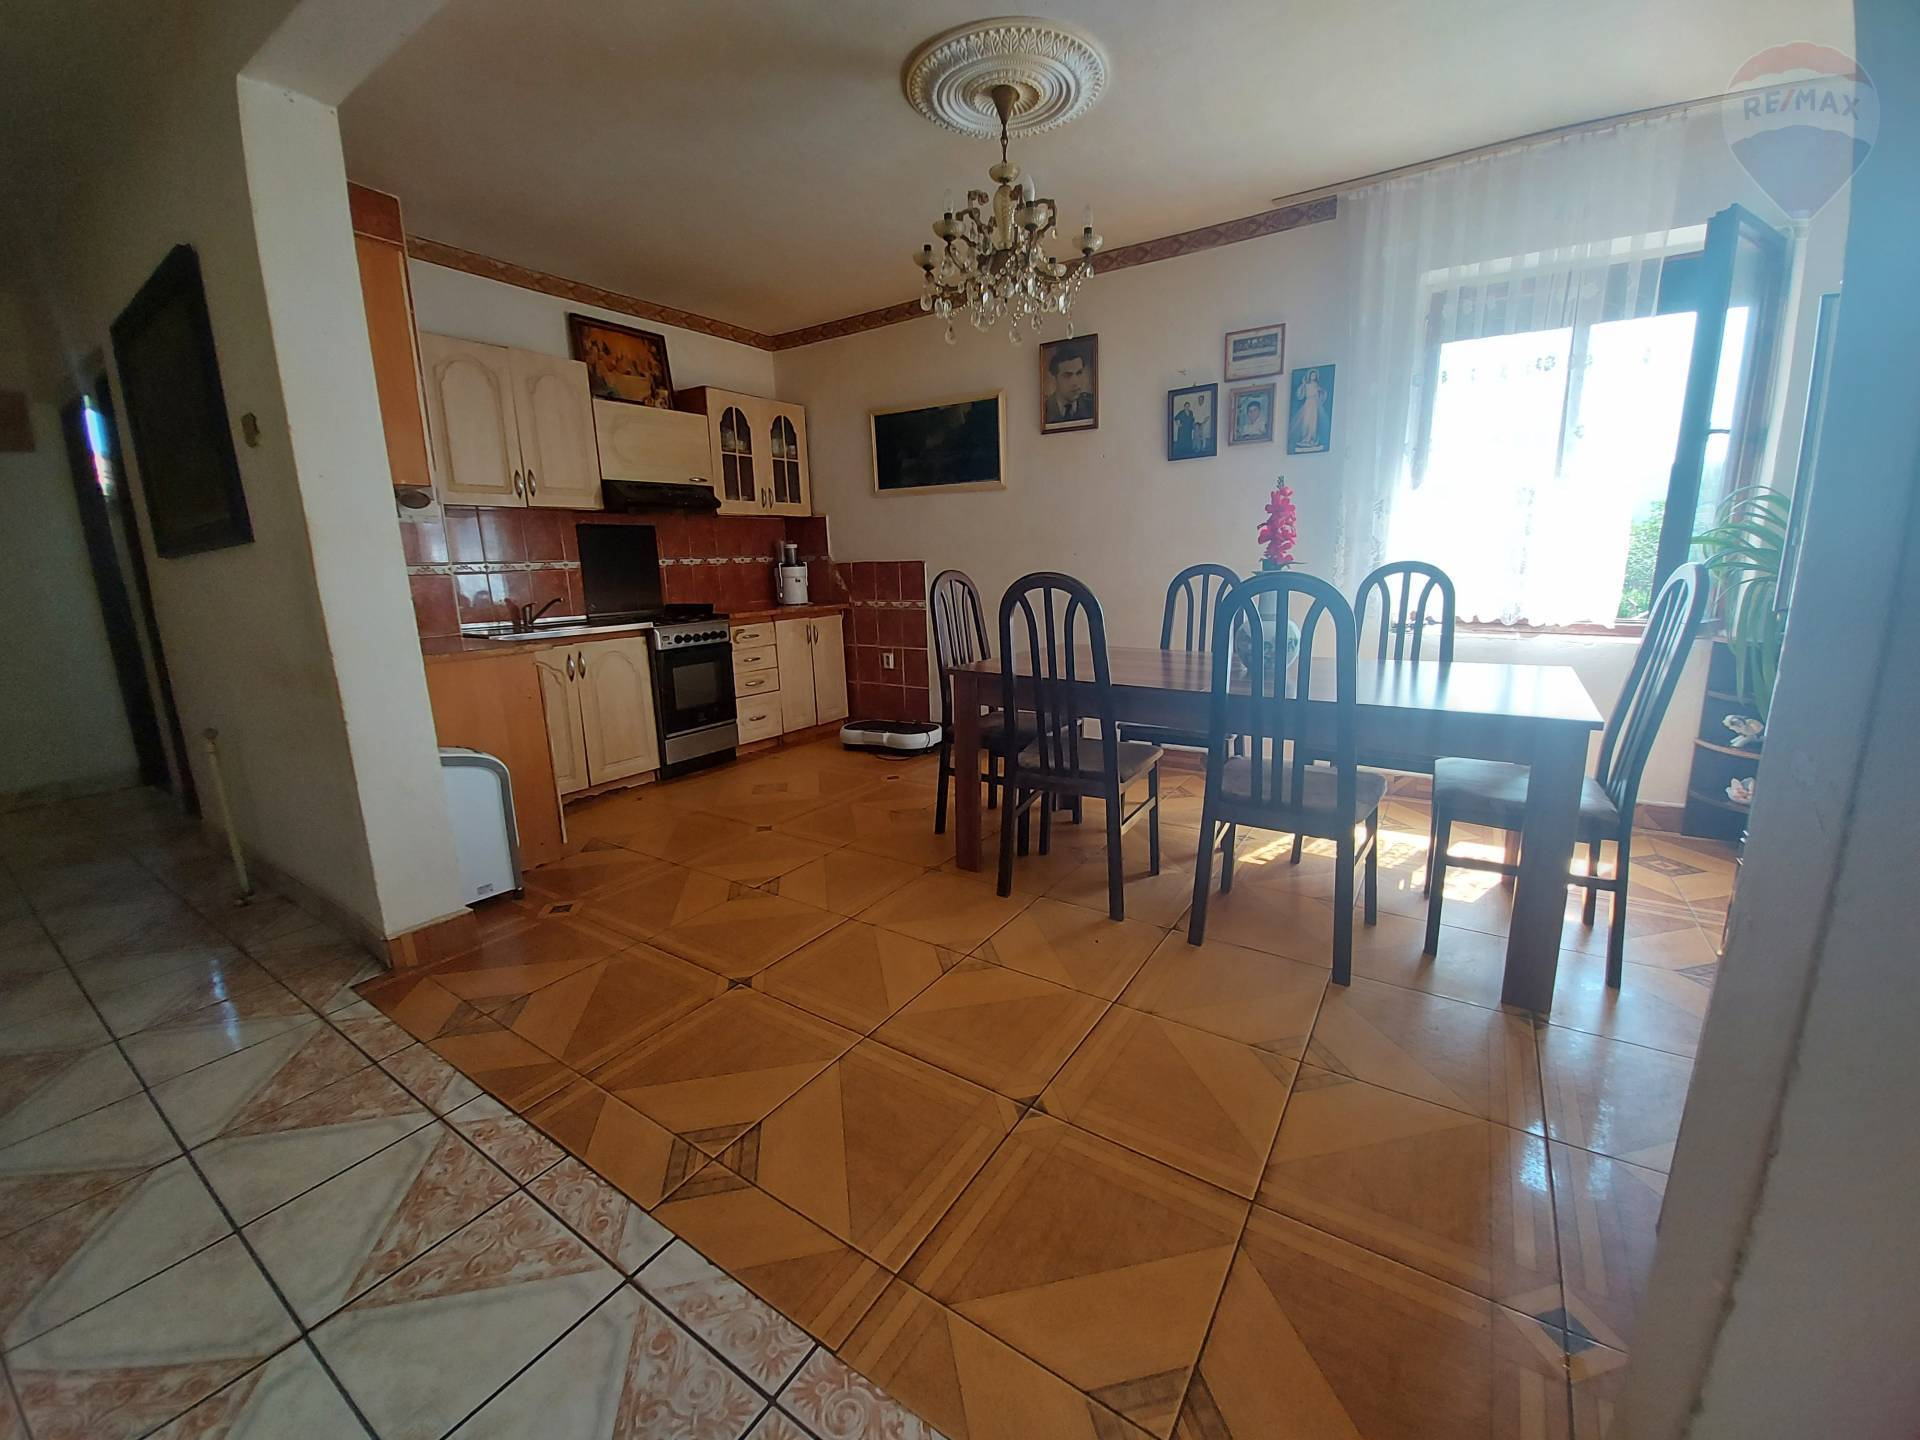 Predaj dom 5 izbový dvojgeneračný Jelšovce, Nitra